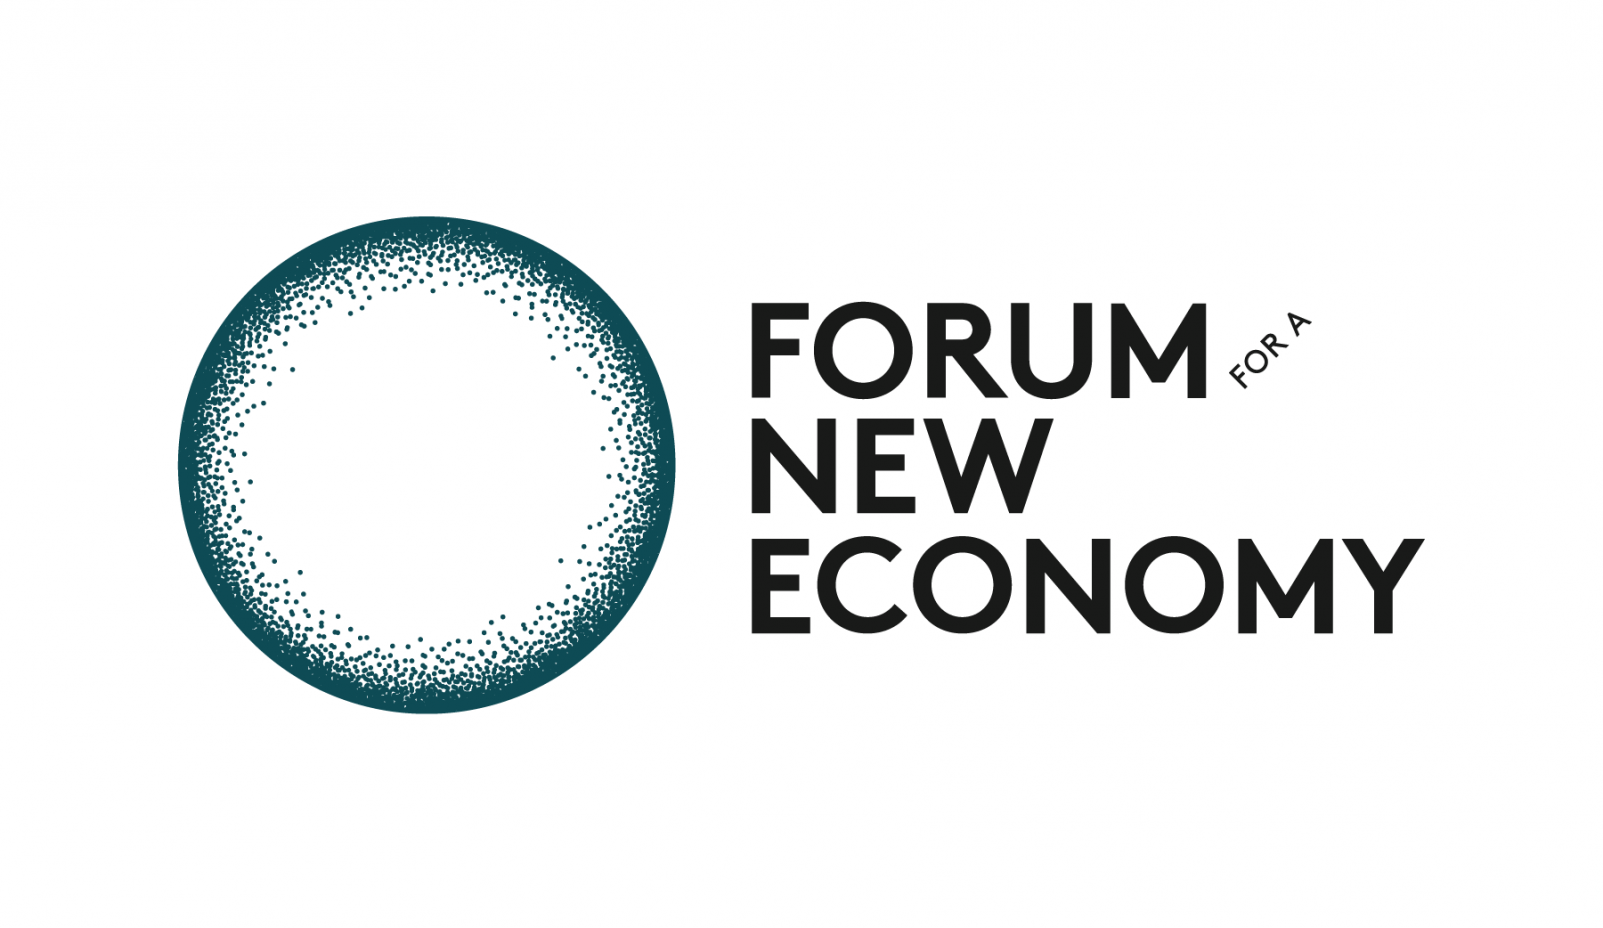 Forum New Economy